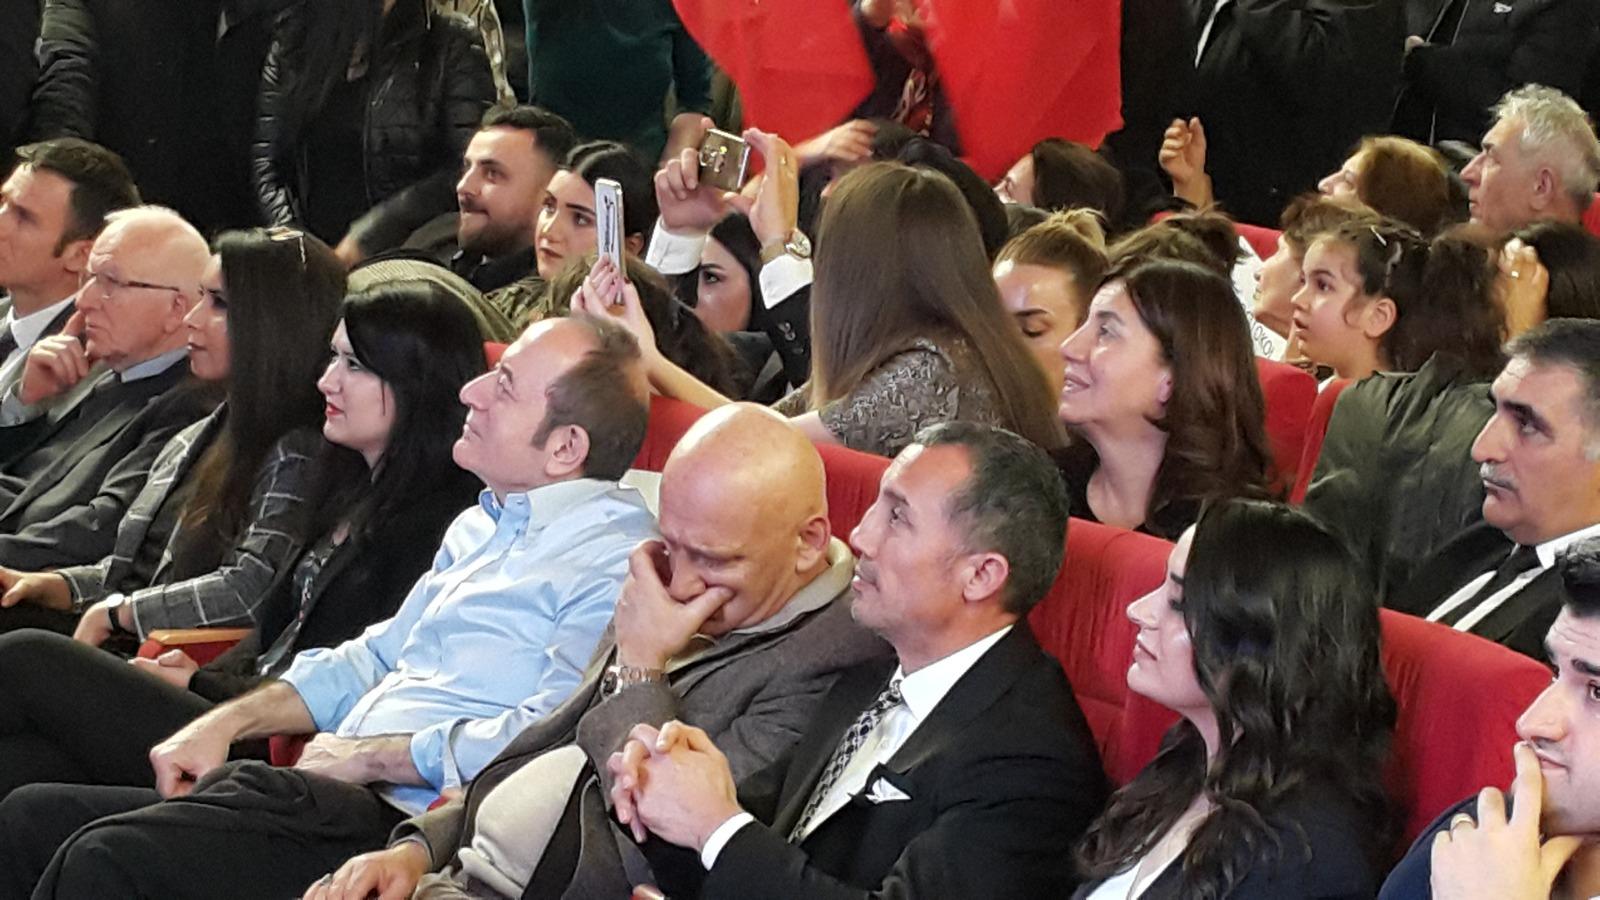 CHP Kartal'da proje tanıtım toplantısında Altınok Öz krizi yaşandı